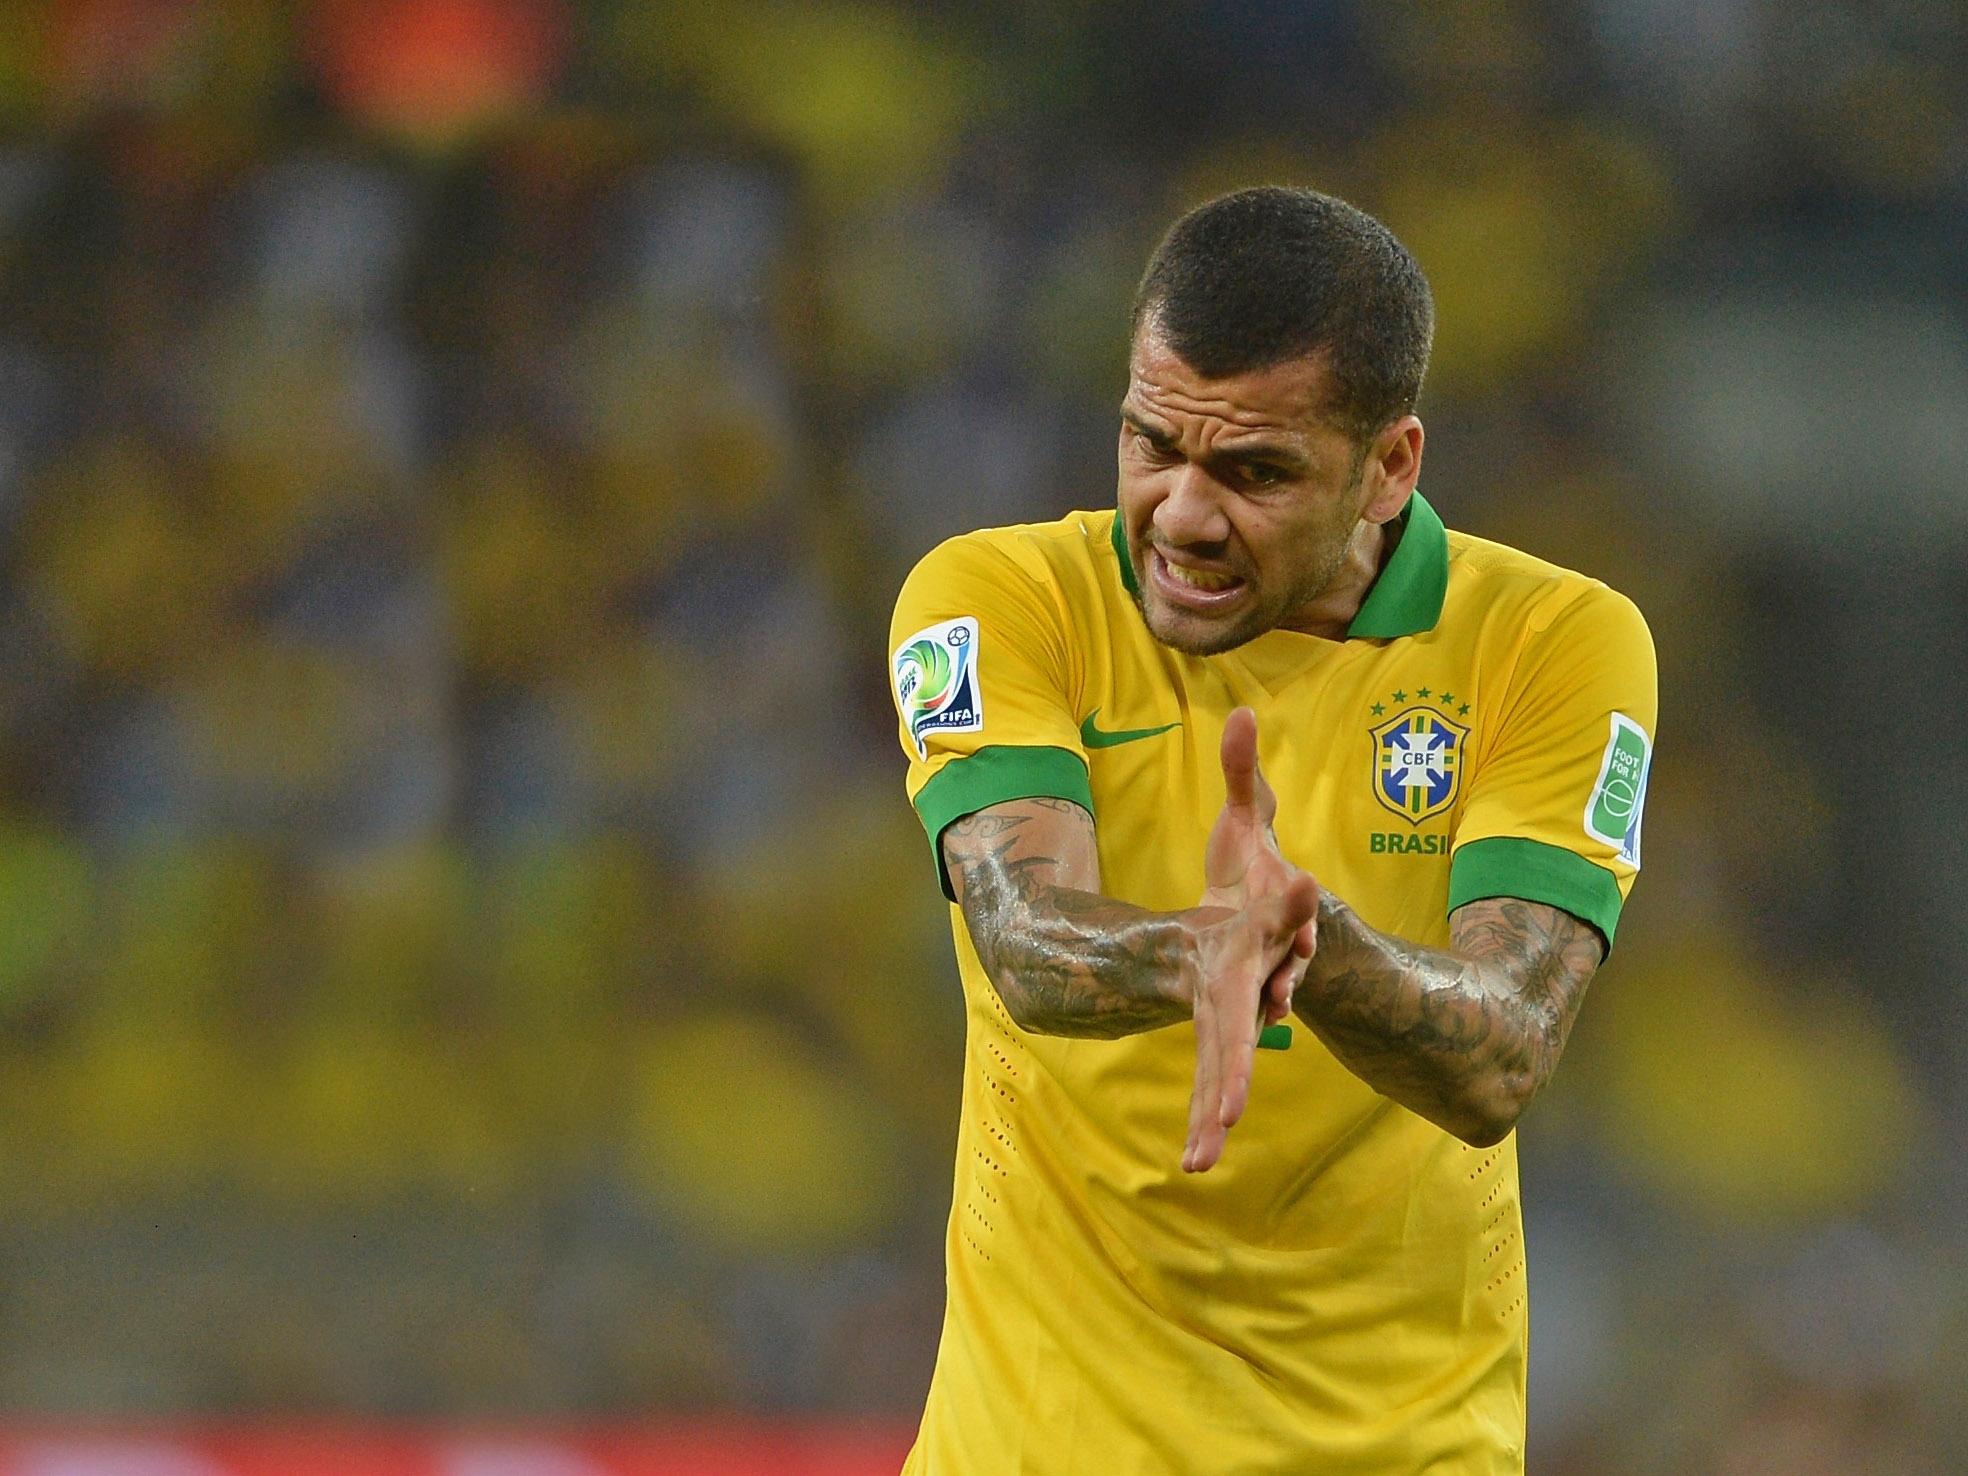 Вматче сКолумбией командиром сборной Бразилии будет Дани Алвес